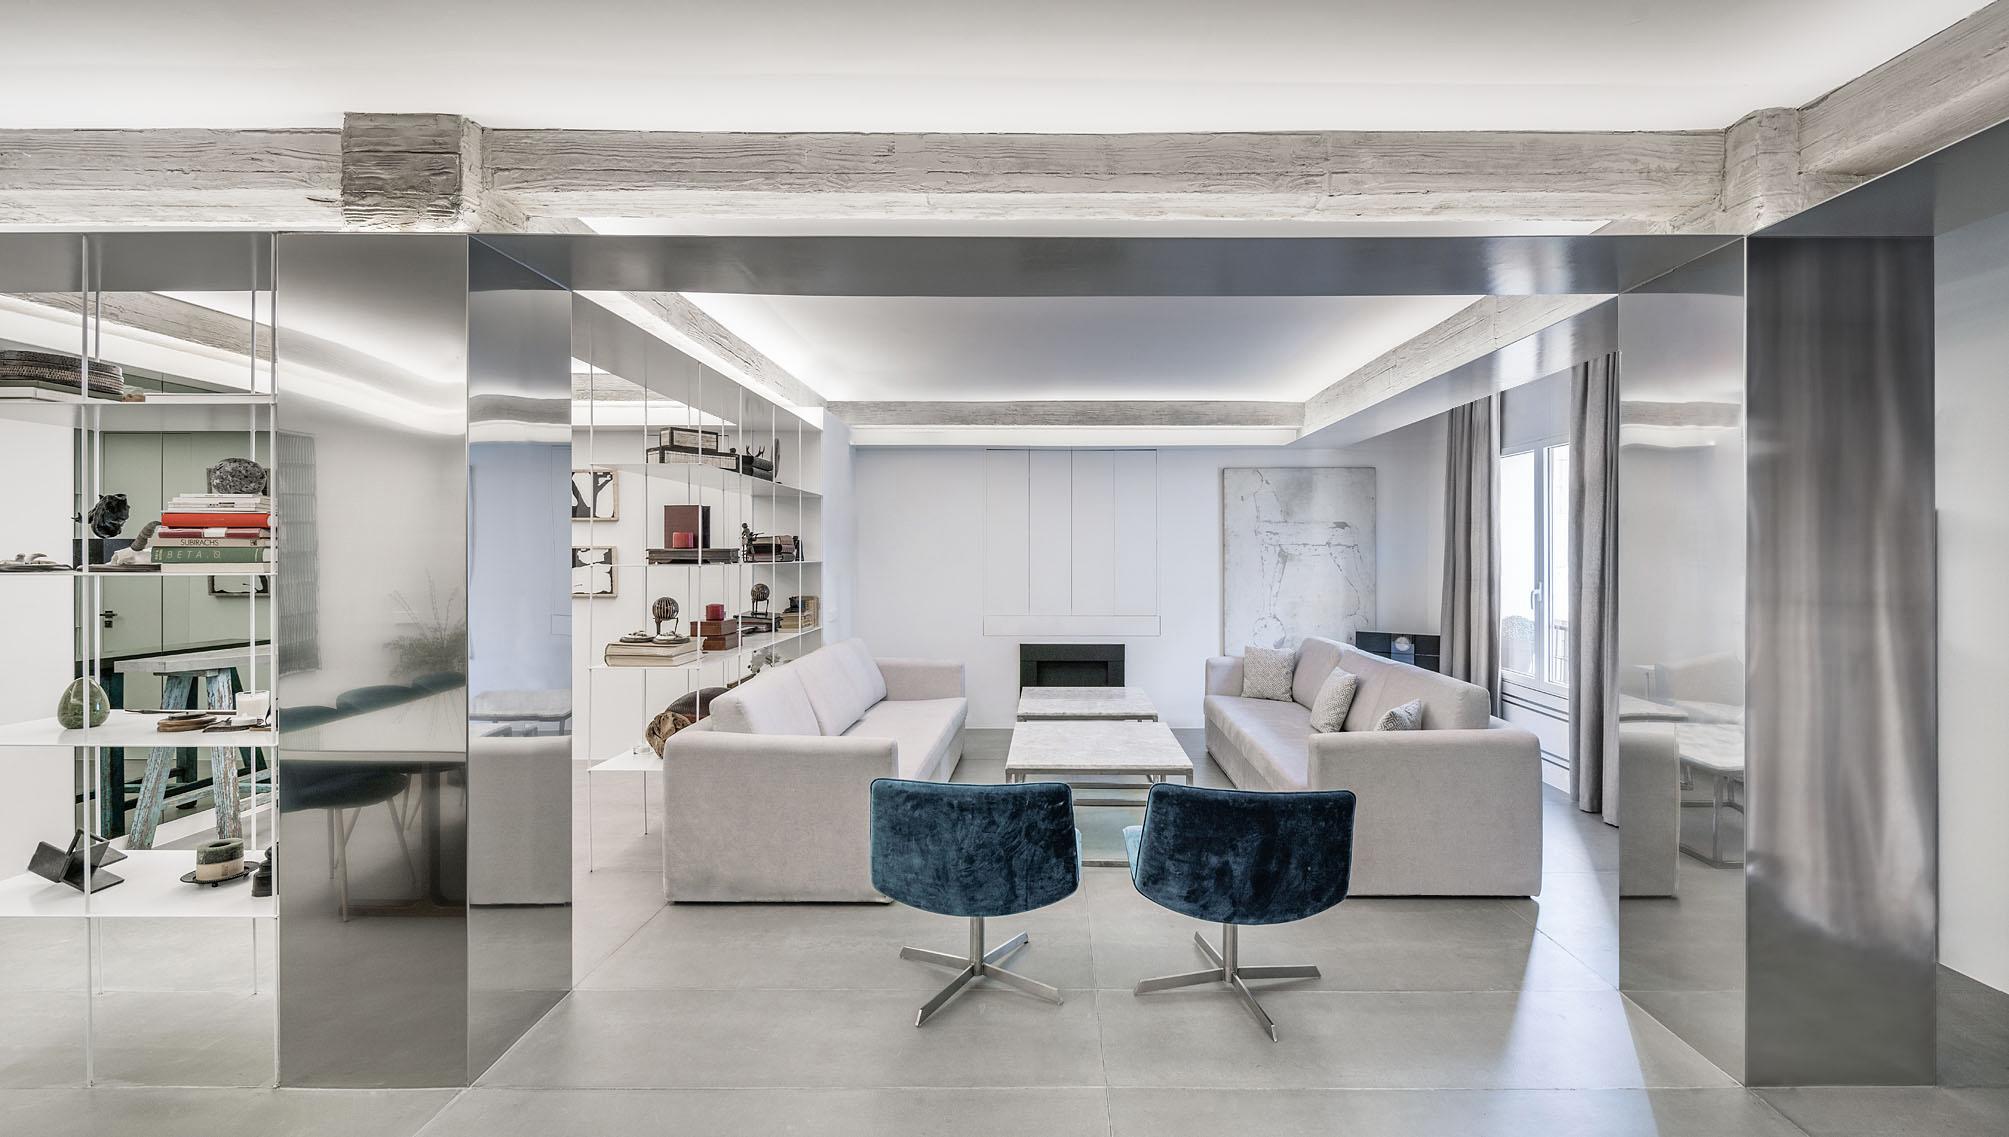 Arquitectura en Madrid: BETAØ una empresa con proyectos lujuosos arquitectura en madrid Arquitectura en Madrid: BETAØ una empresa con proyectos lujuosos c espina 04